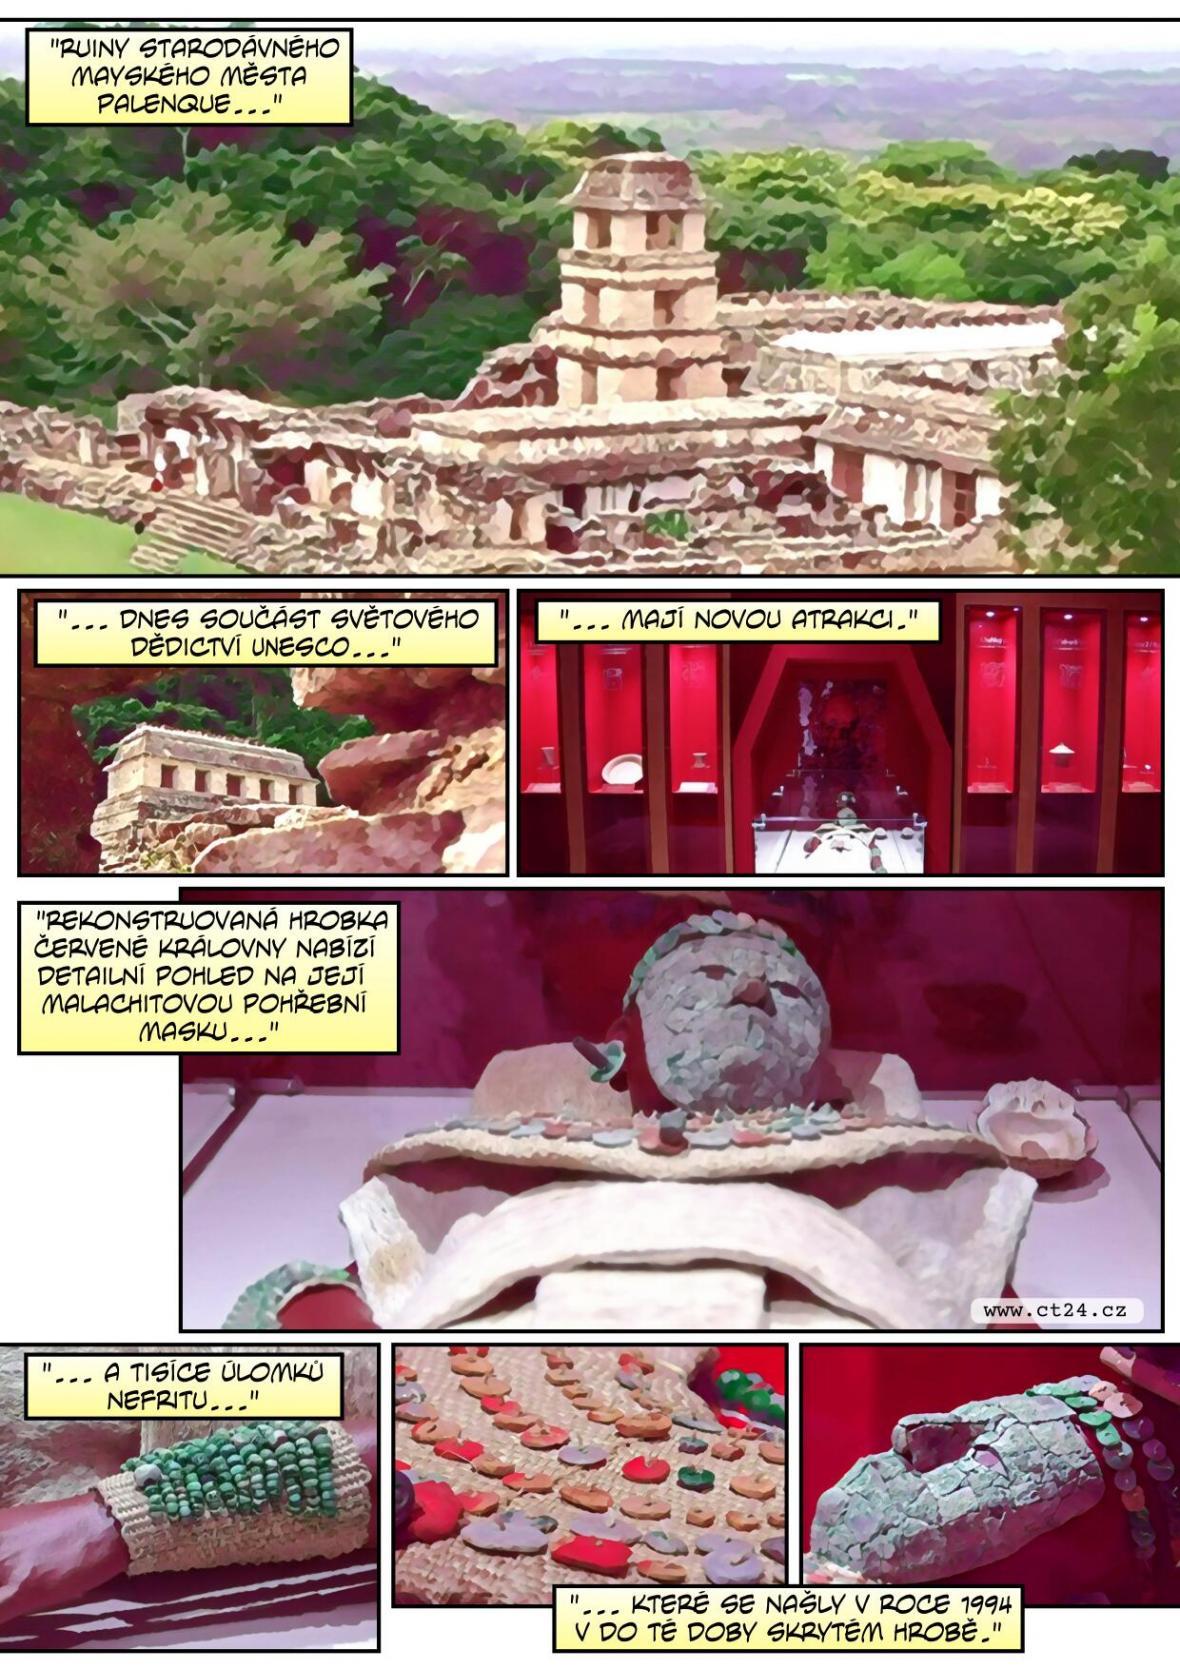 Historické město Palenque v Mexiku chystá novou atrakci. Zrekonstruovalo hrobku mayské Červené královny